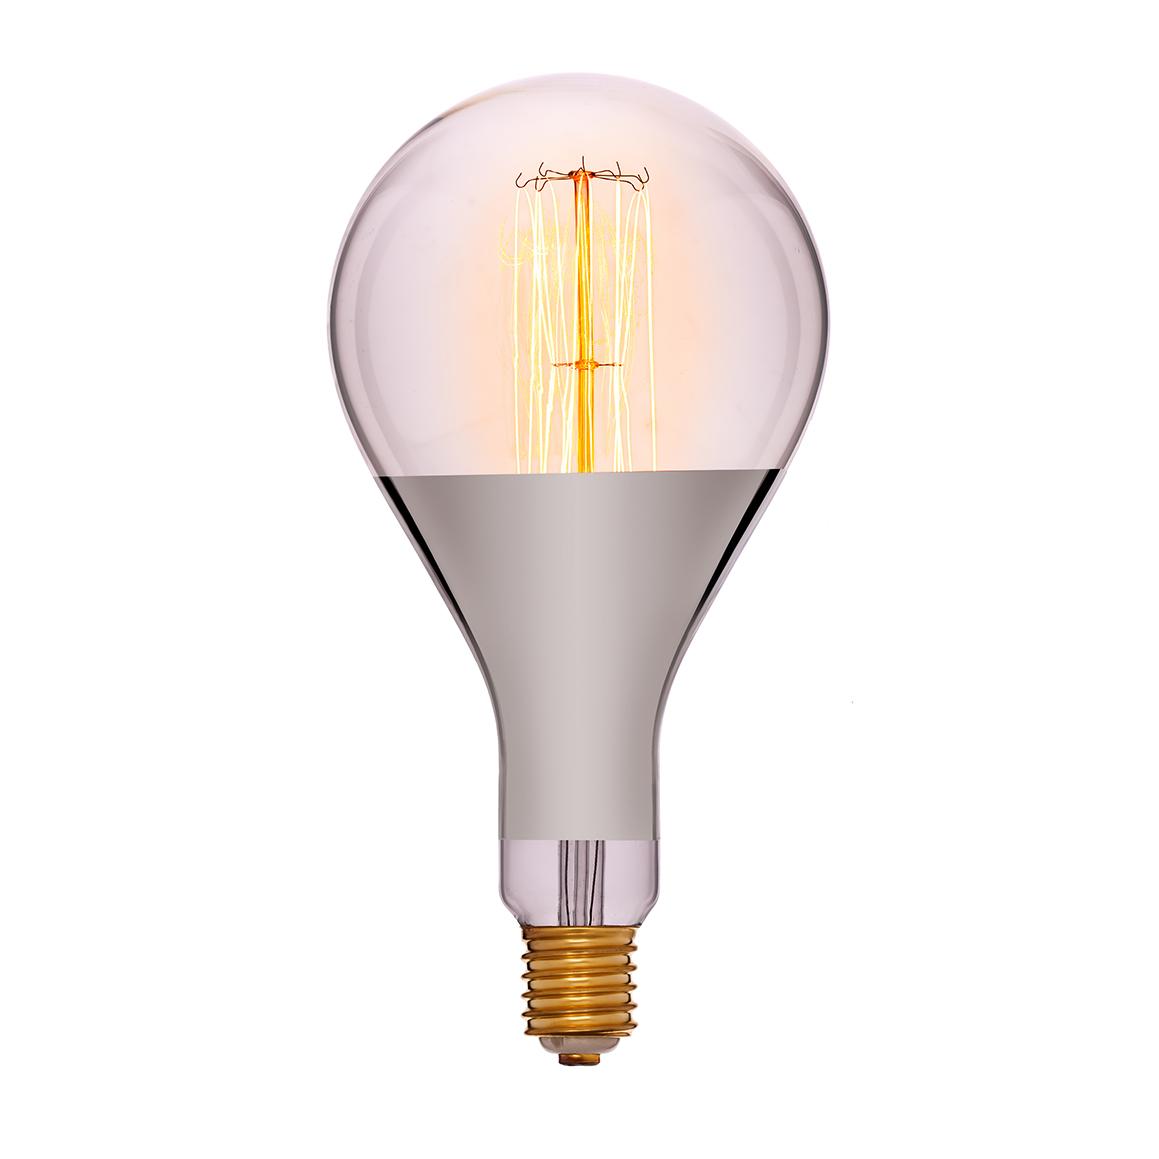 Лампа накаливания PS 160R-F2 - вид 2